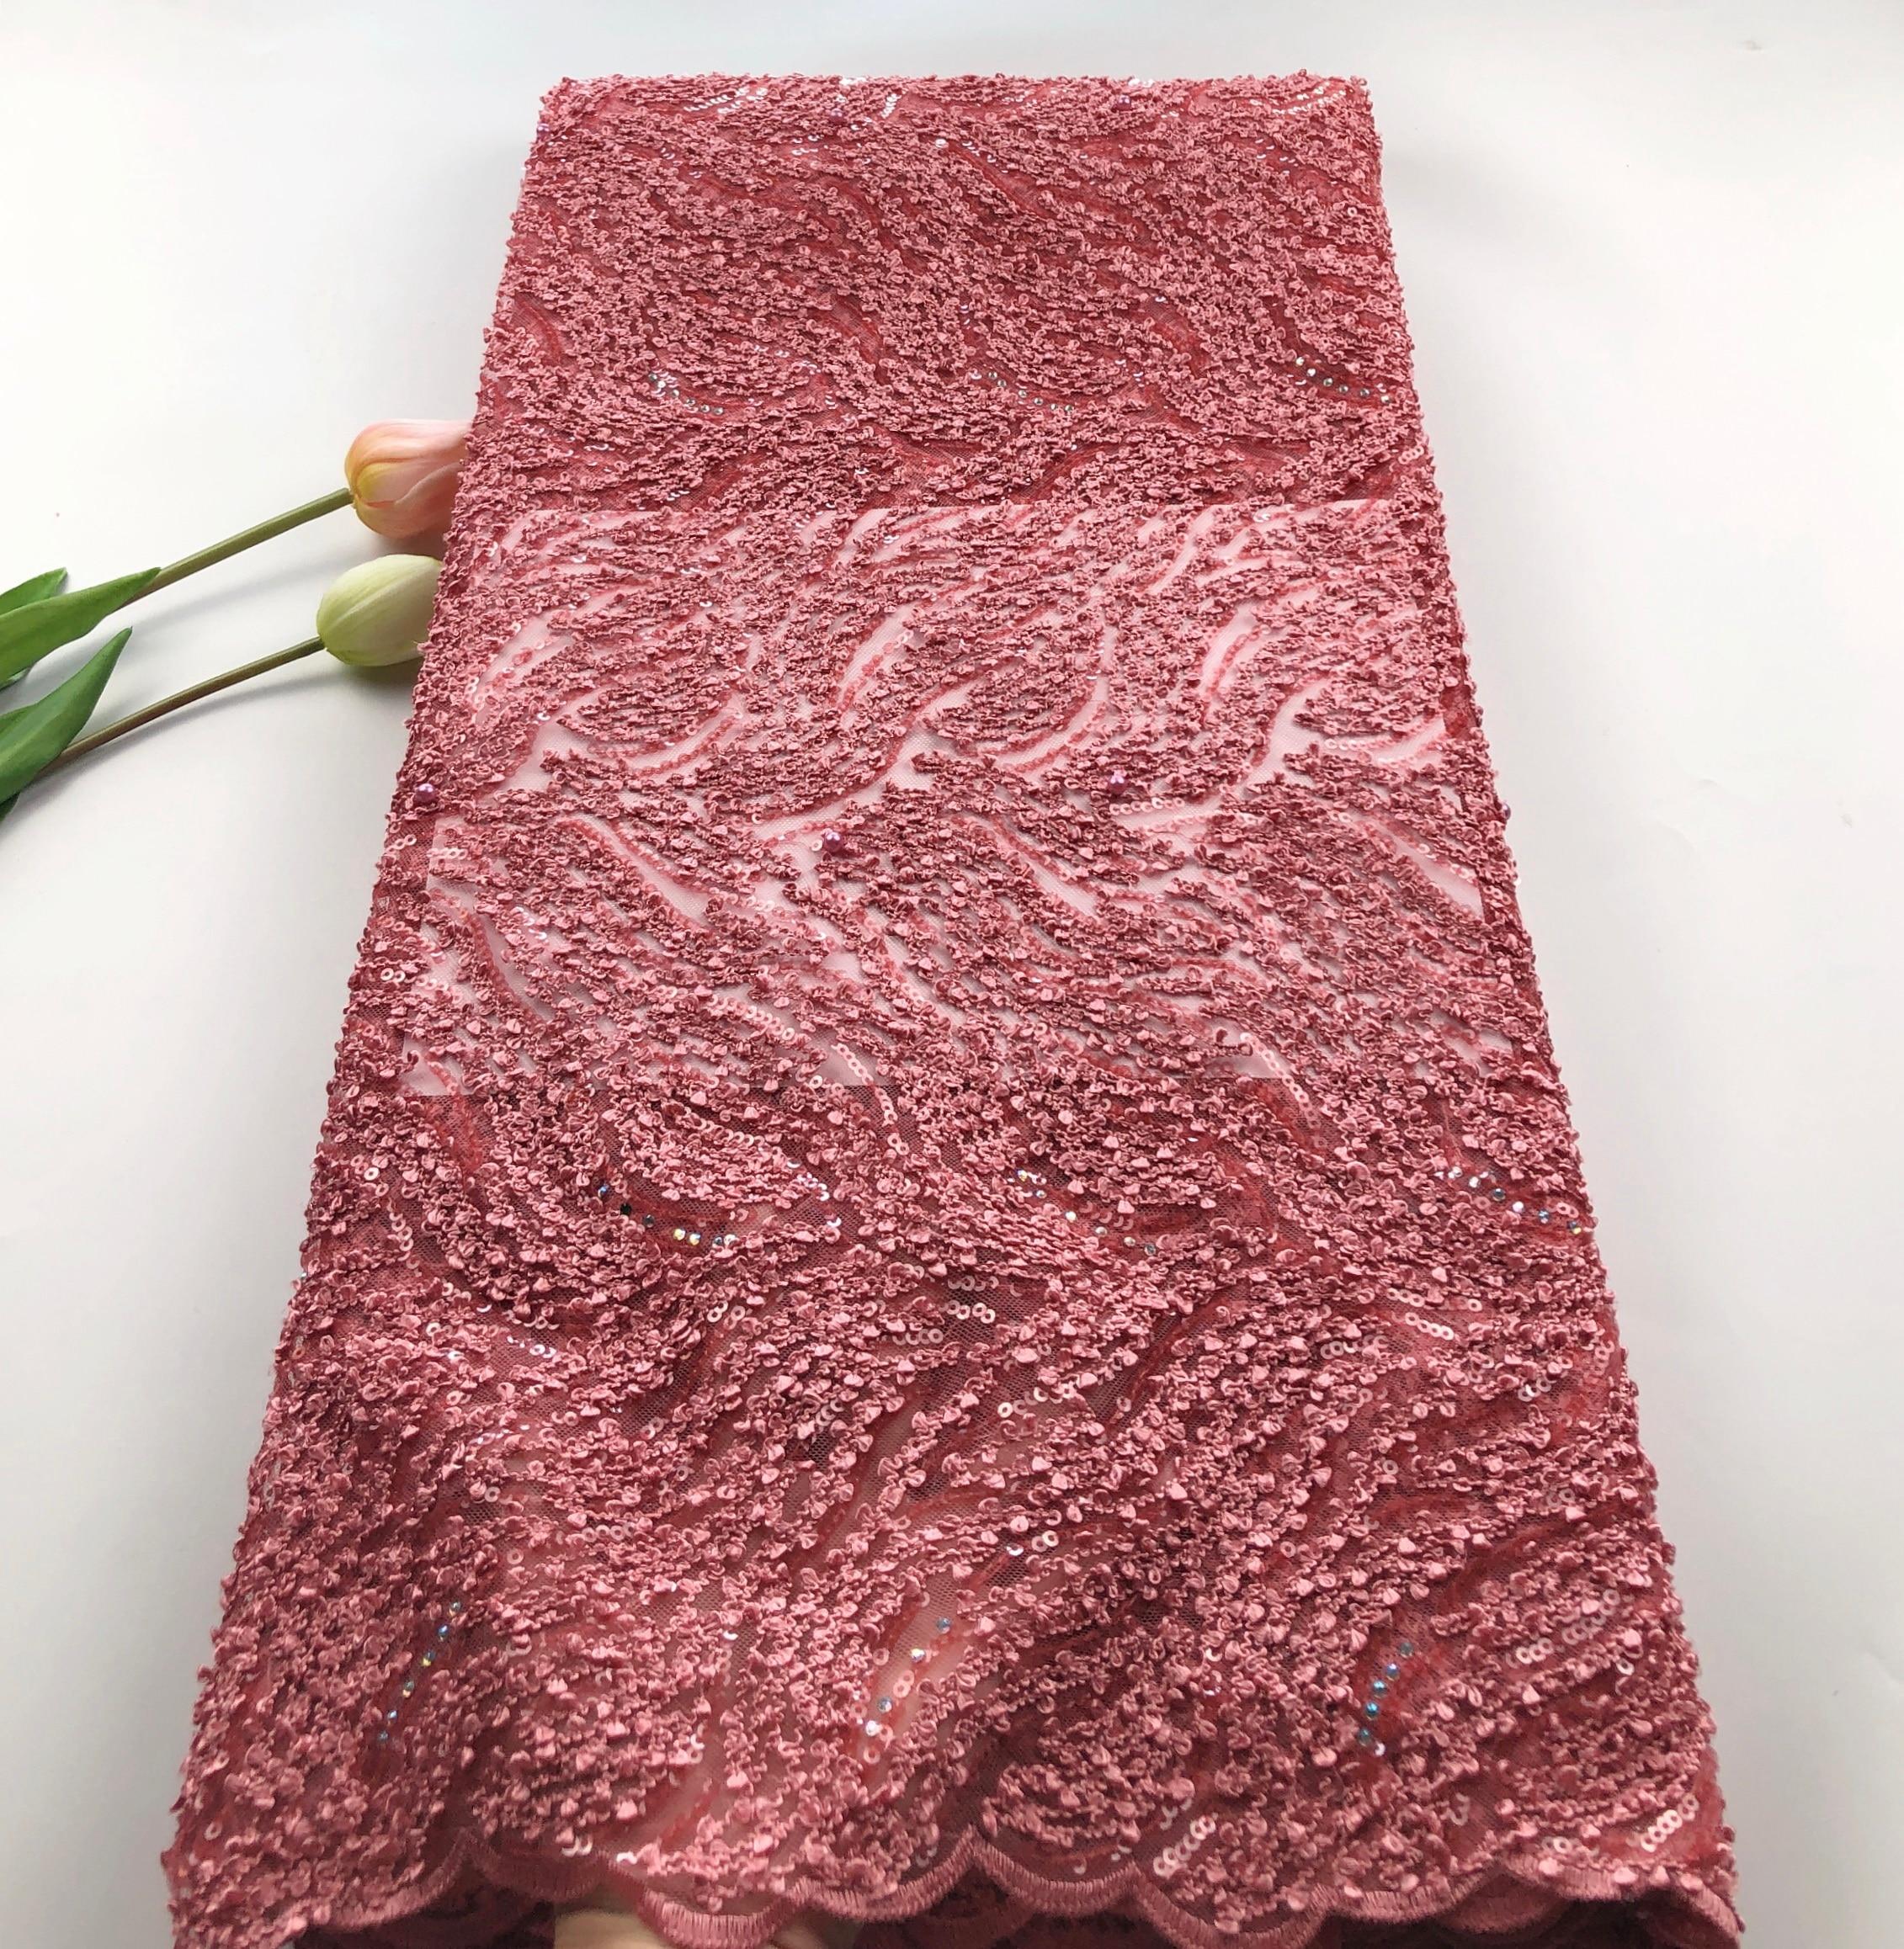 Новая мода африканская сетка тюль кружевная ткань с блестками 5 ярдов африканская французская кружевная ткань с блестками QCOC221